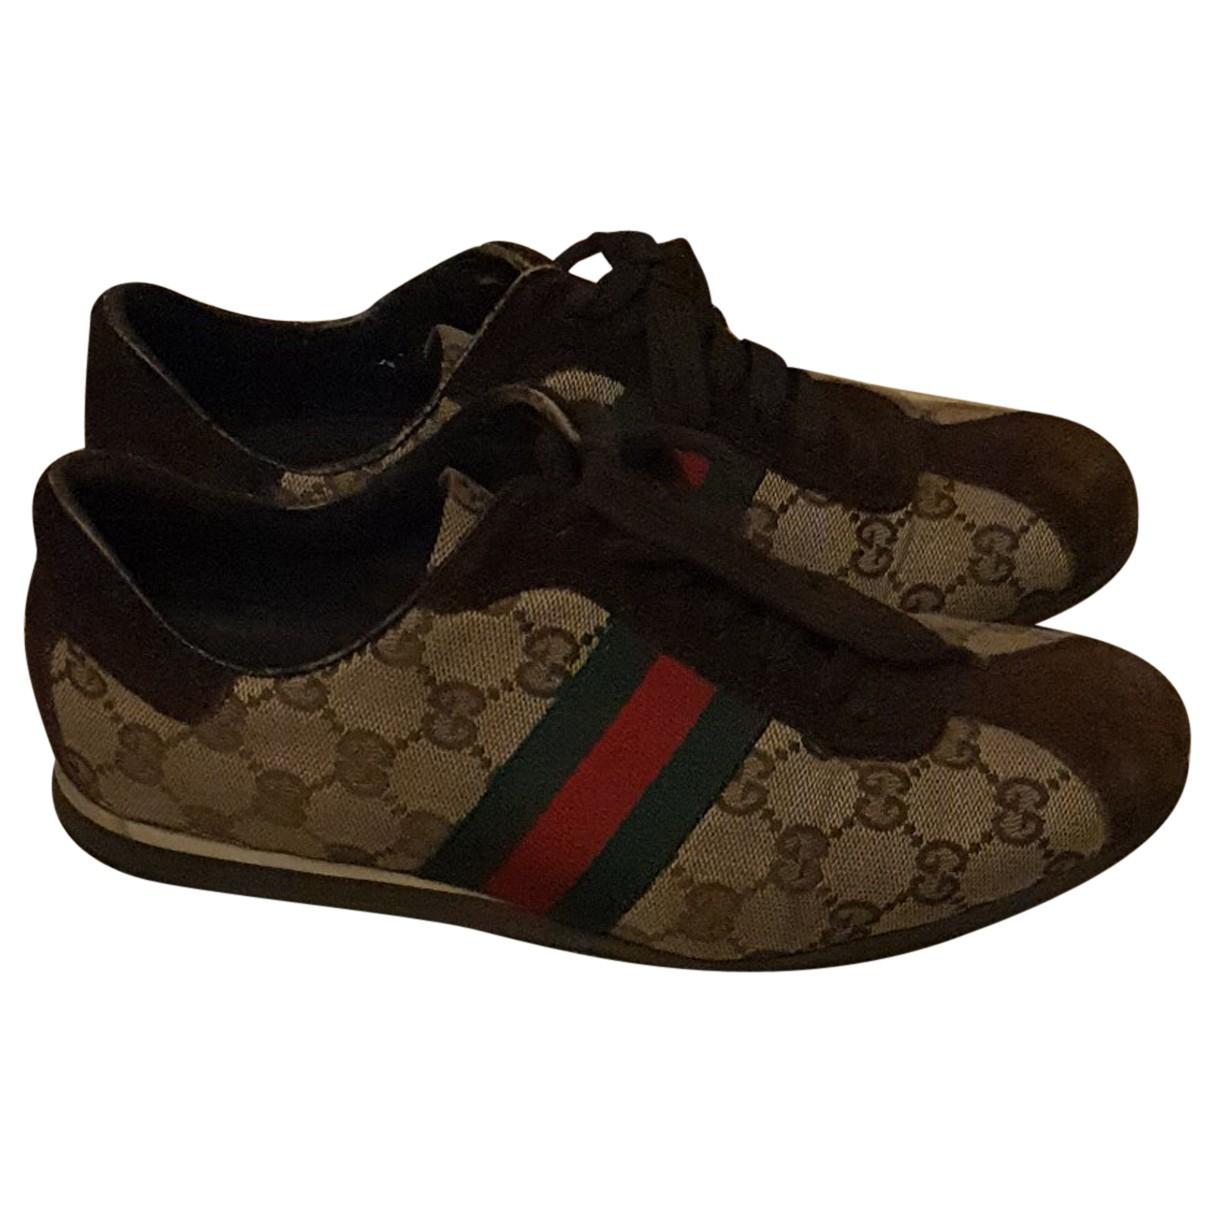 Gucci - Baskets G74 pour femme en toile - multicolore